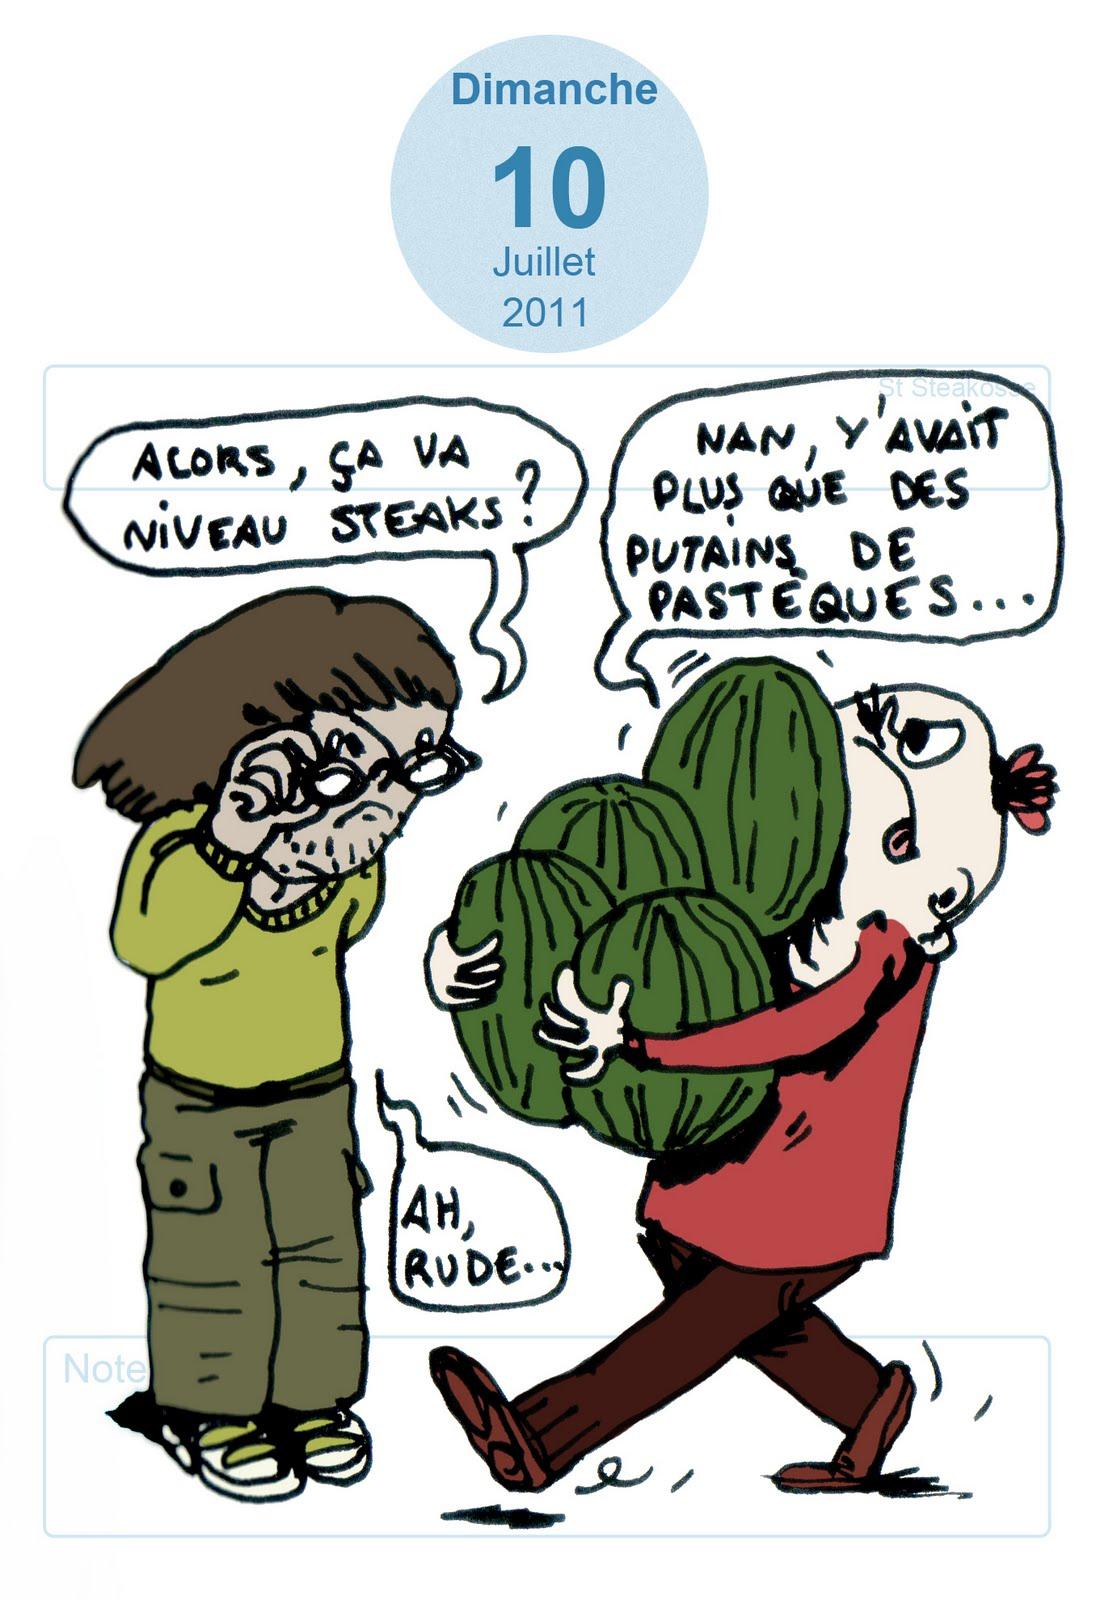 http://3.bp.blogspot.com/-snN9H45Fx7k/Tho_2nrz3yI/AAAAAAAAAdk/Af3S-o3CRfQ/s1600/321-steakPasteque.jpg